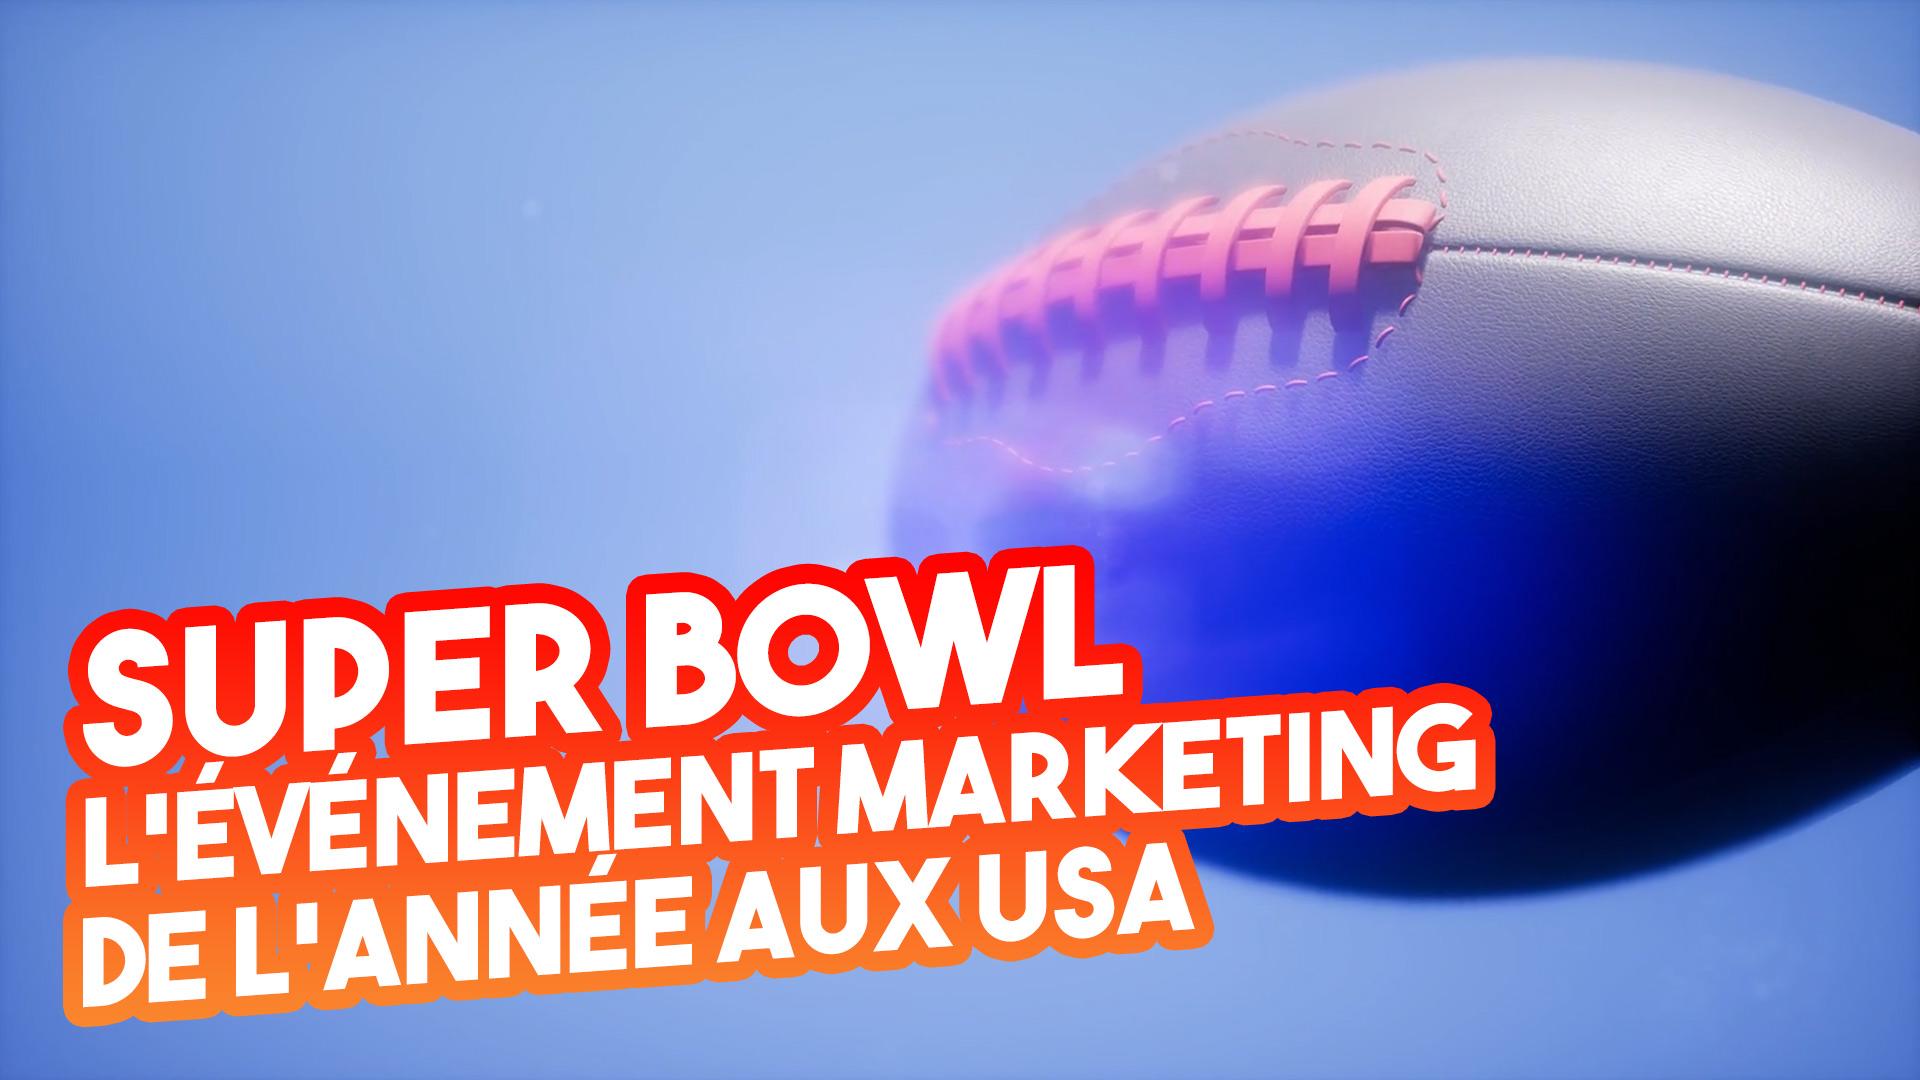 Super Bowl 2020 – L'événement marketing de l'année aux USA